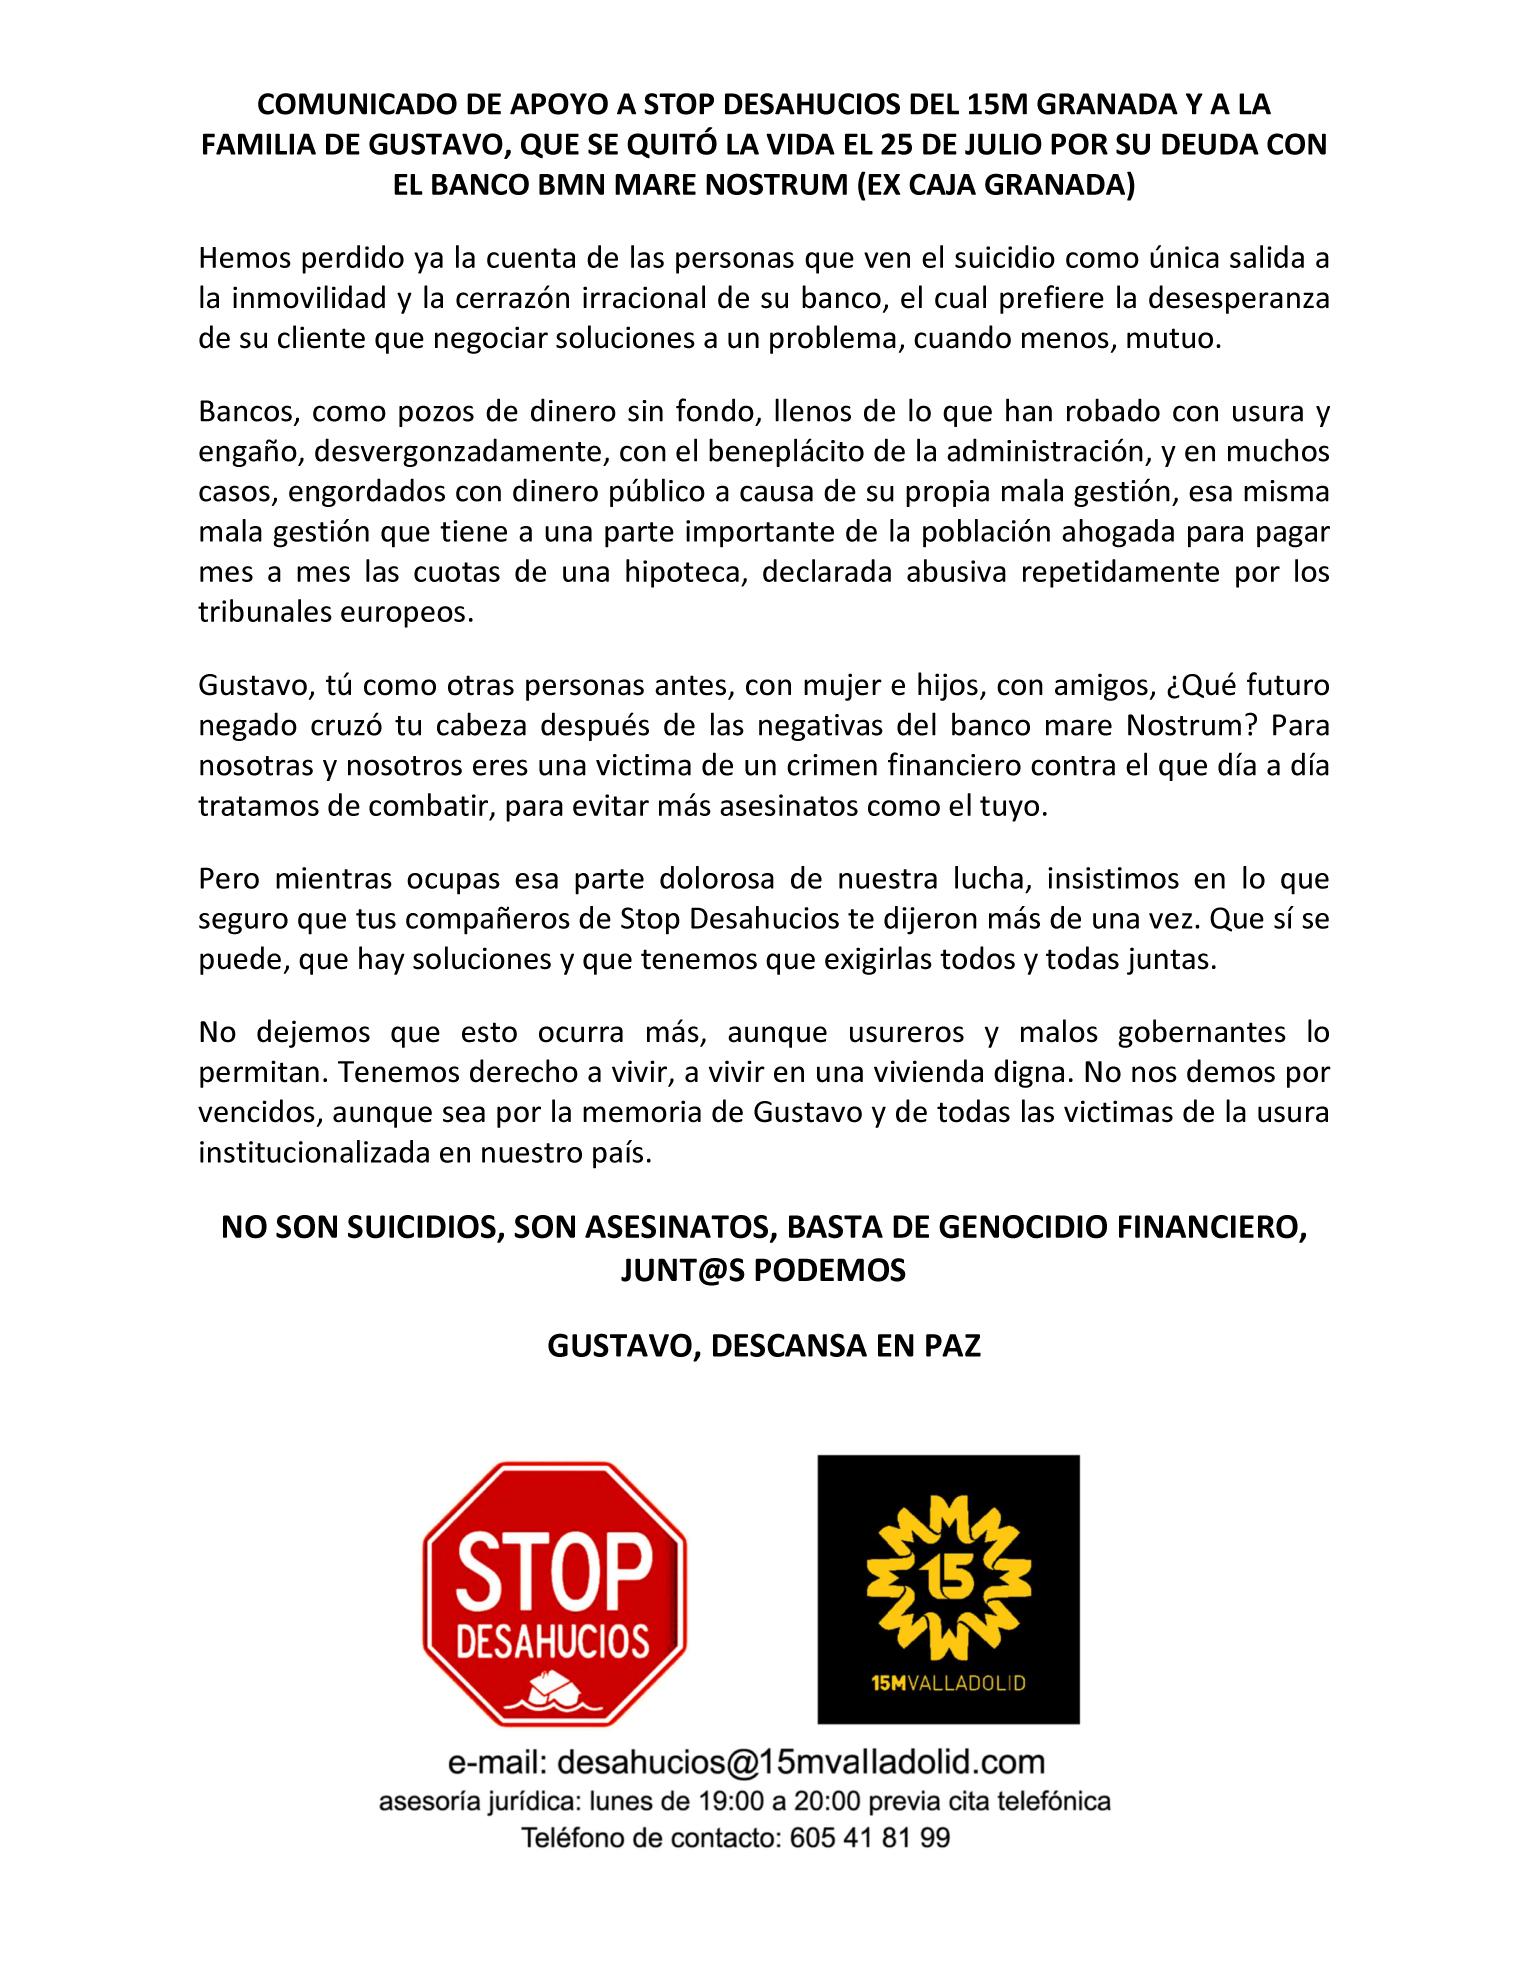 COMUNICADO DE APOYO A STOP DESAHUCIOS DEL 15M GRANADA Y A LA FAMILIA DE GUSTAVO copia